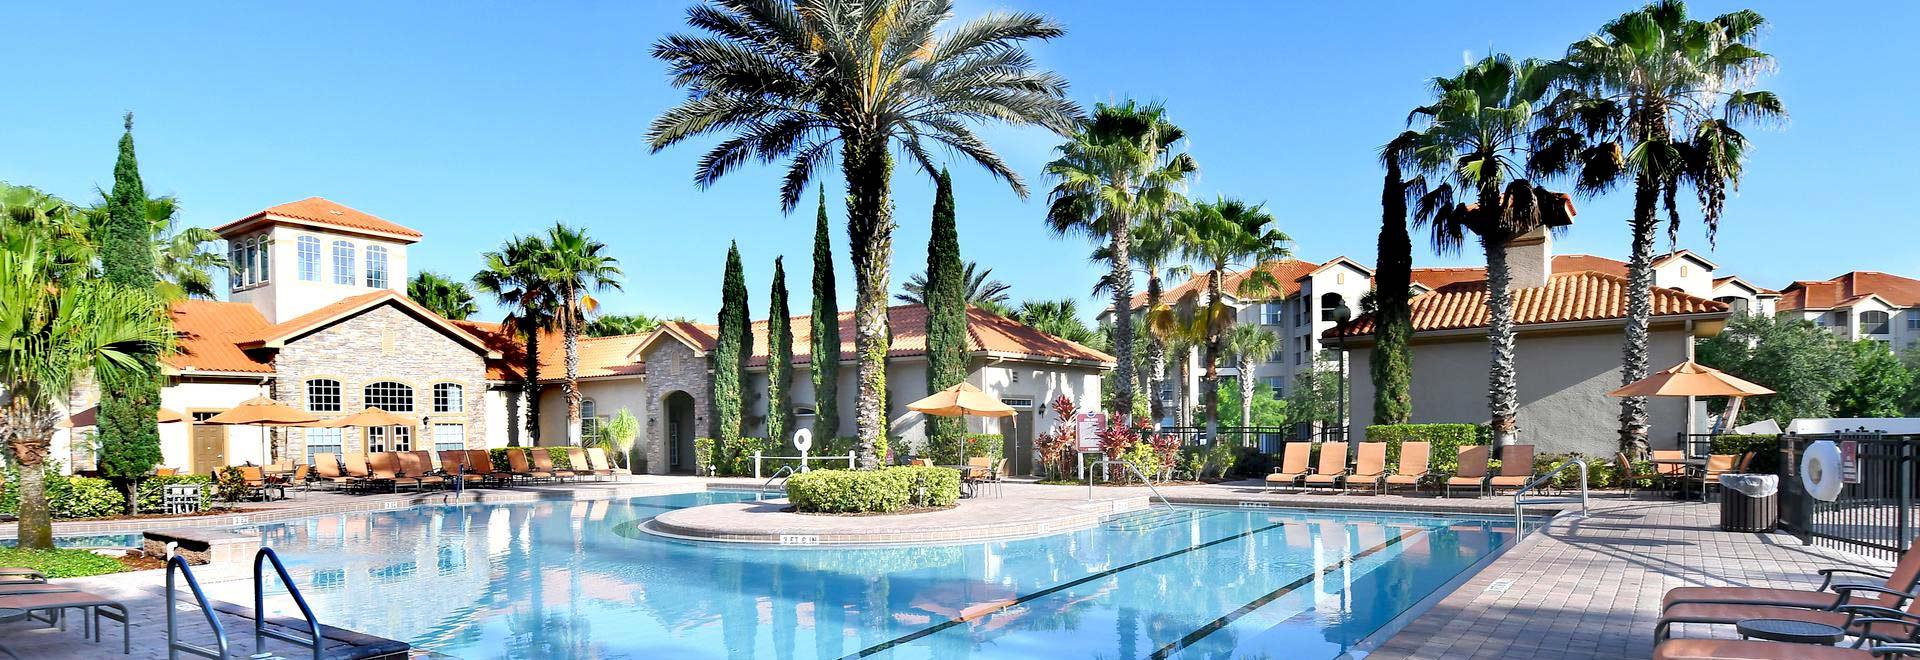 Orlando Condo Rentals Tuscana Resort Orlando By Aston